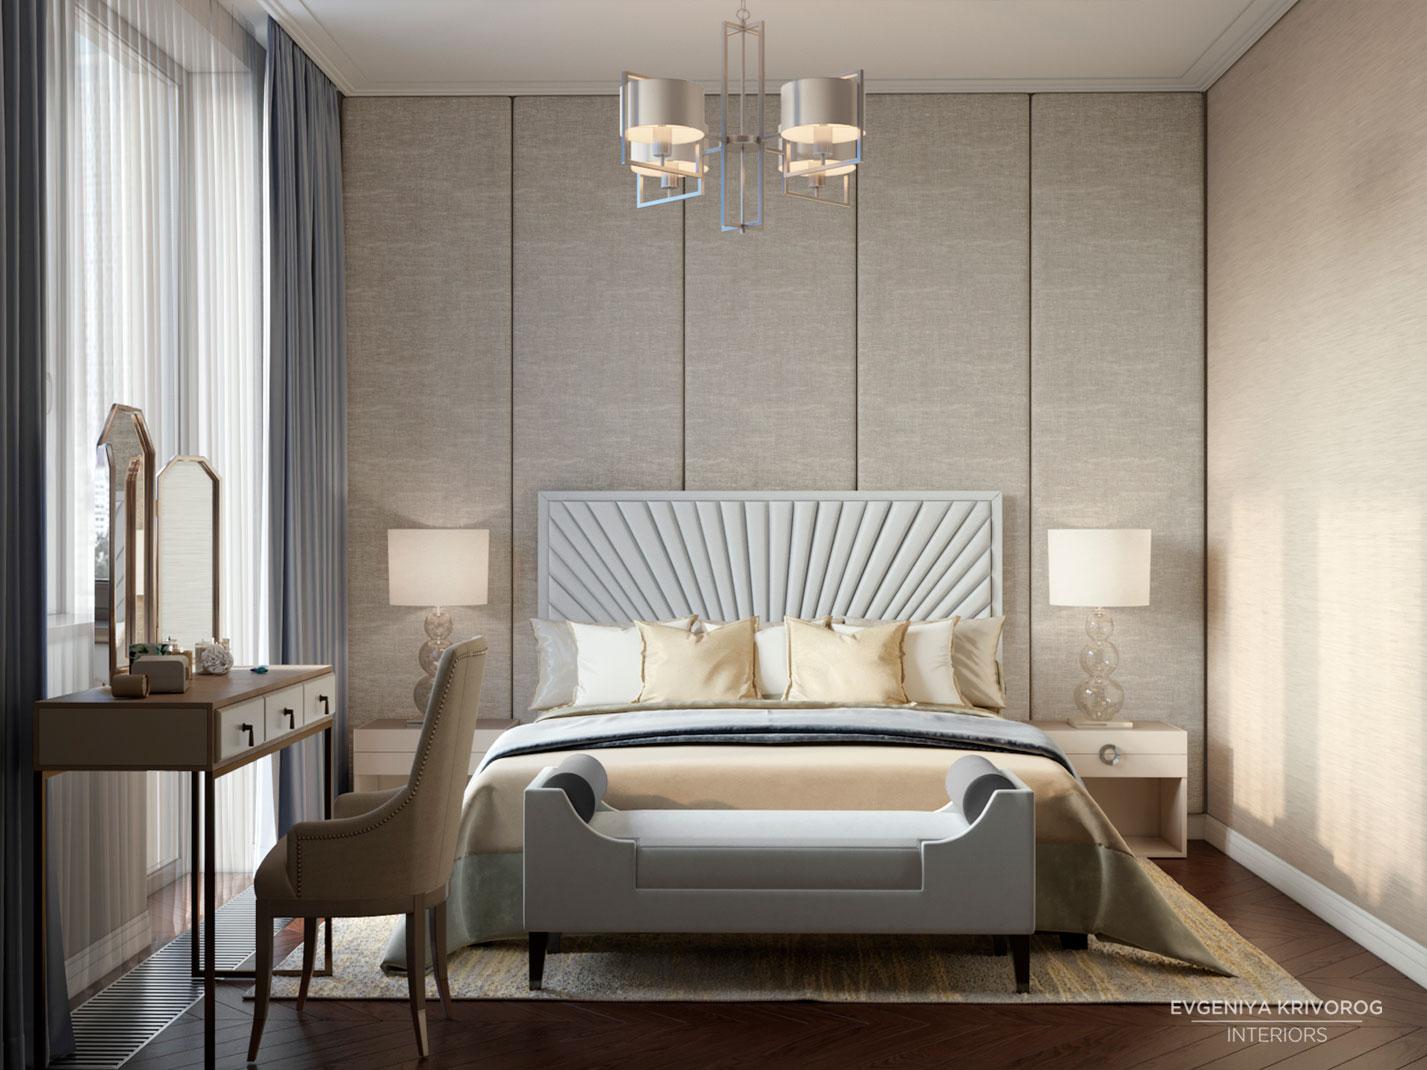 Жилой комплекс Воробьев Дом интерьер спальни | цены на дизайн-проект